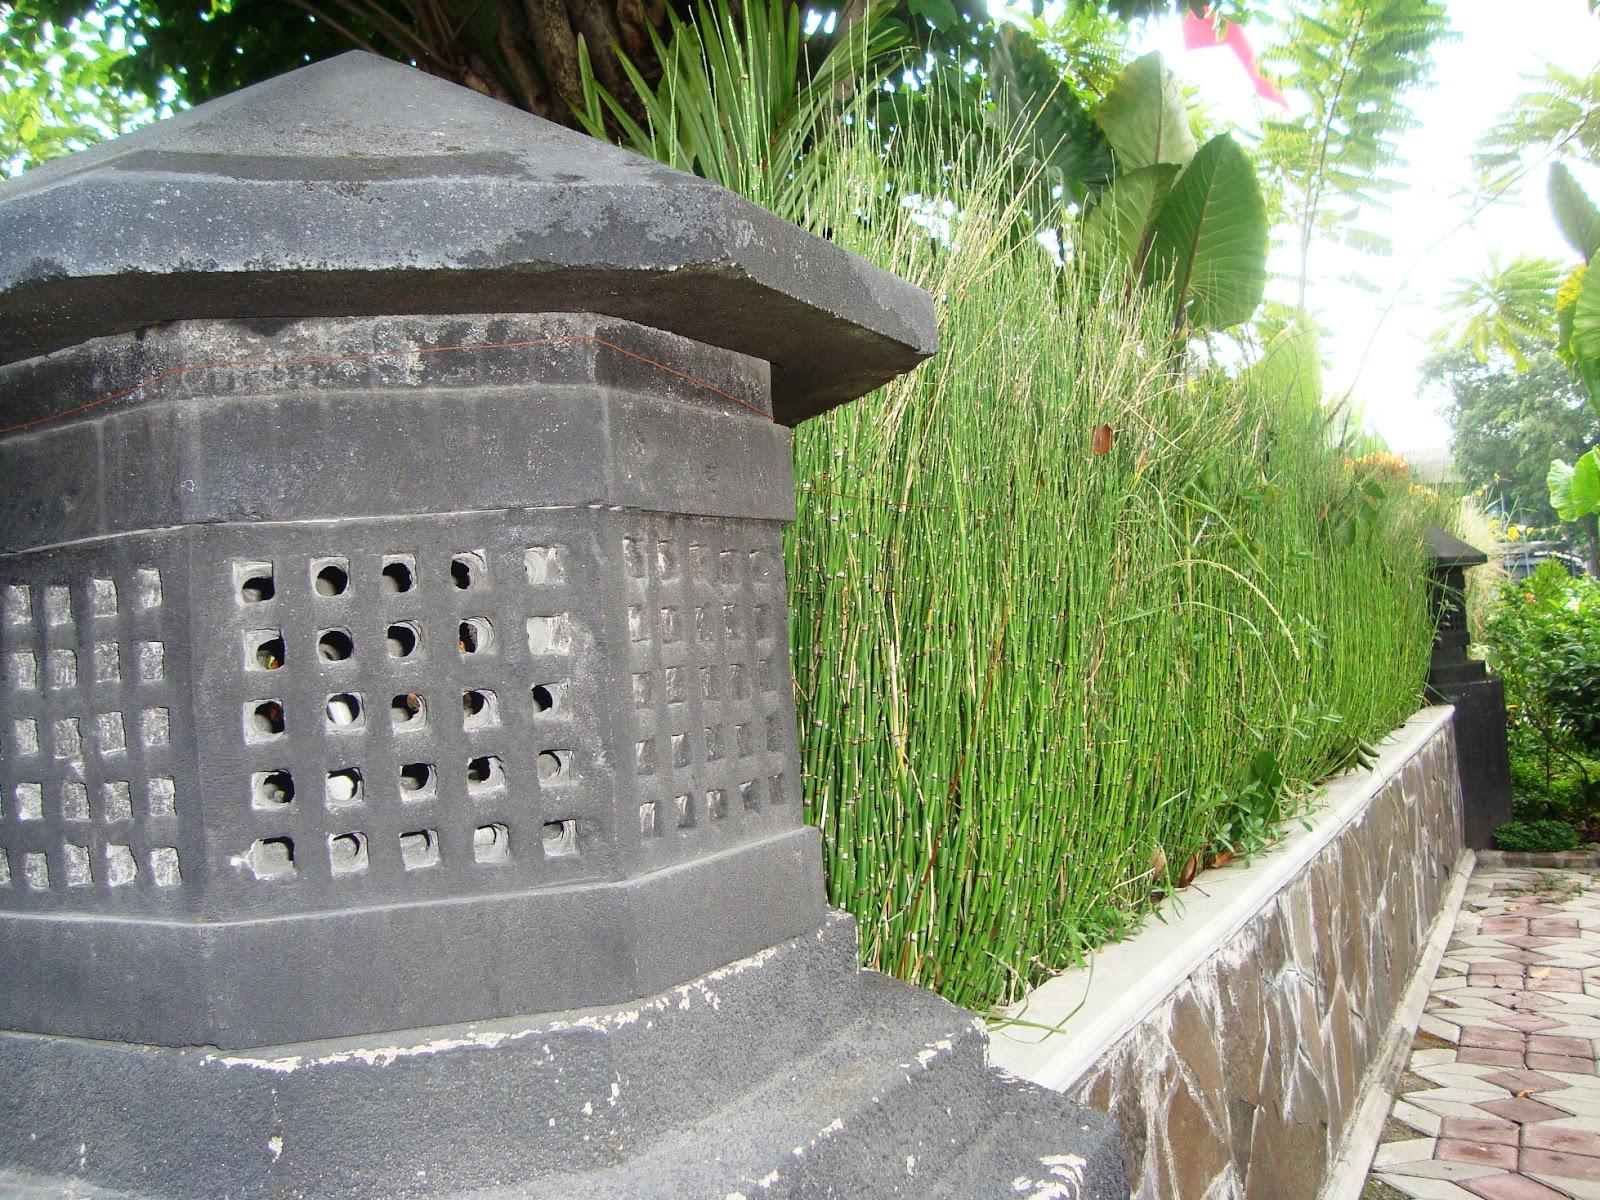 Kumpulan Desain Dinding Taman Depan Rumah Terbaru